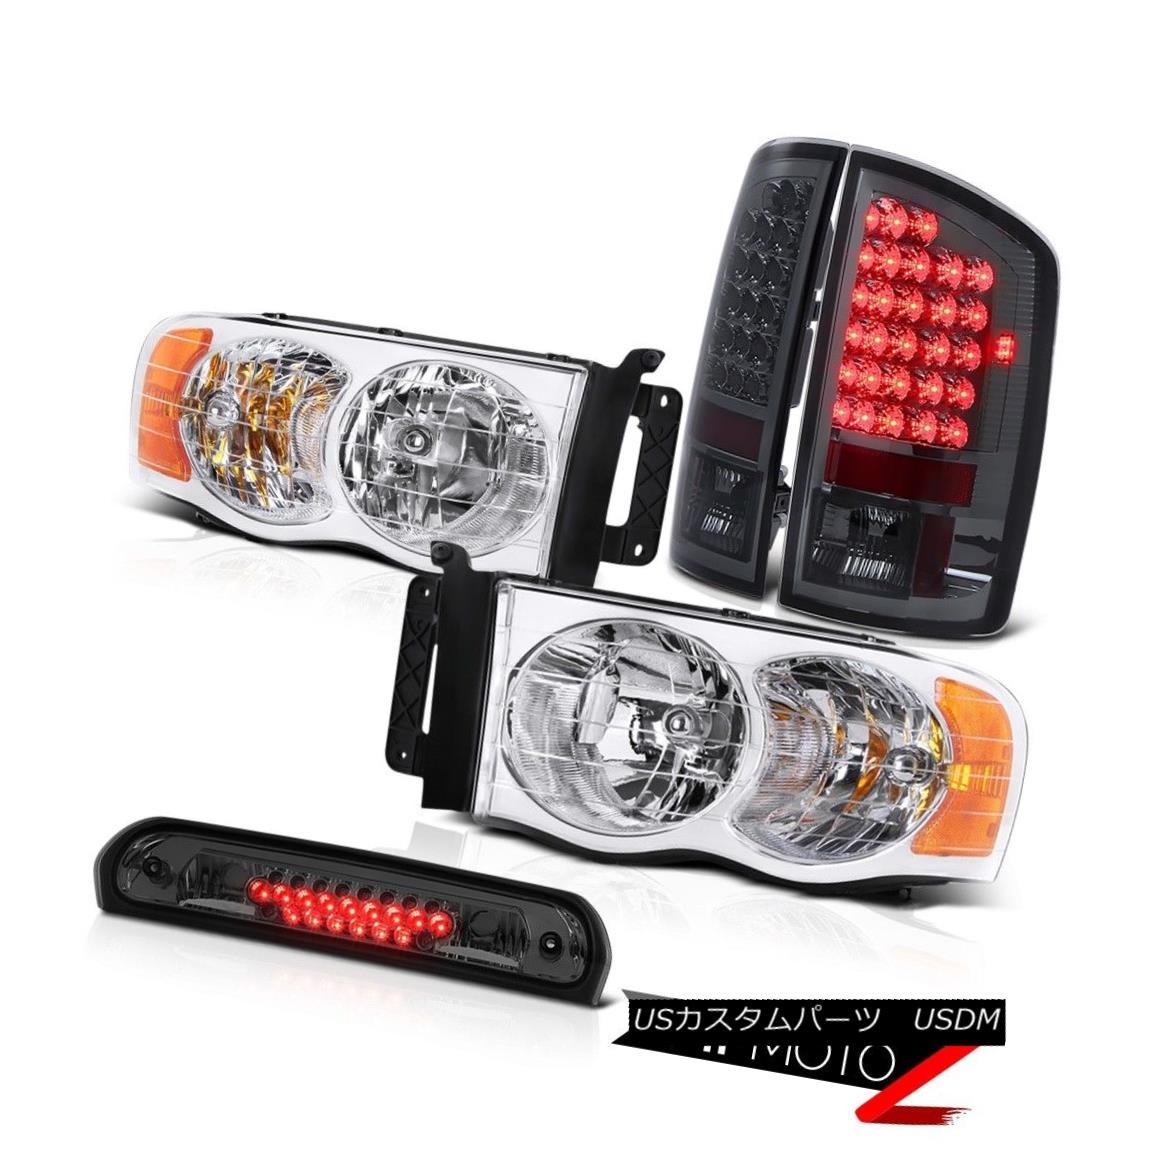 テールライト Pair New Headlights L.E.D Tail Lights Smoke Roof Stop LED Tint 2002-2005 Ram SLT ペア新しいヘッドライトL.E.DテールライトスモークルーフストップLED Tint 2002-2005 Ram SLT